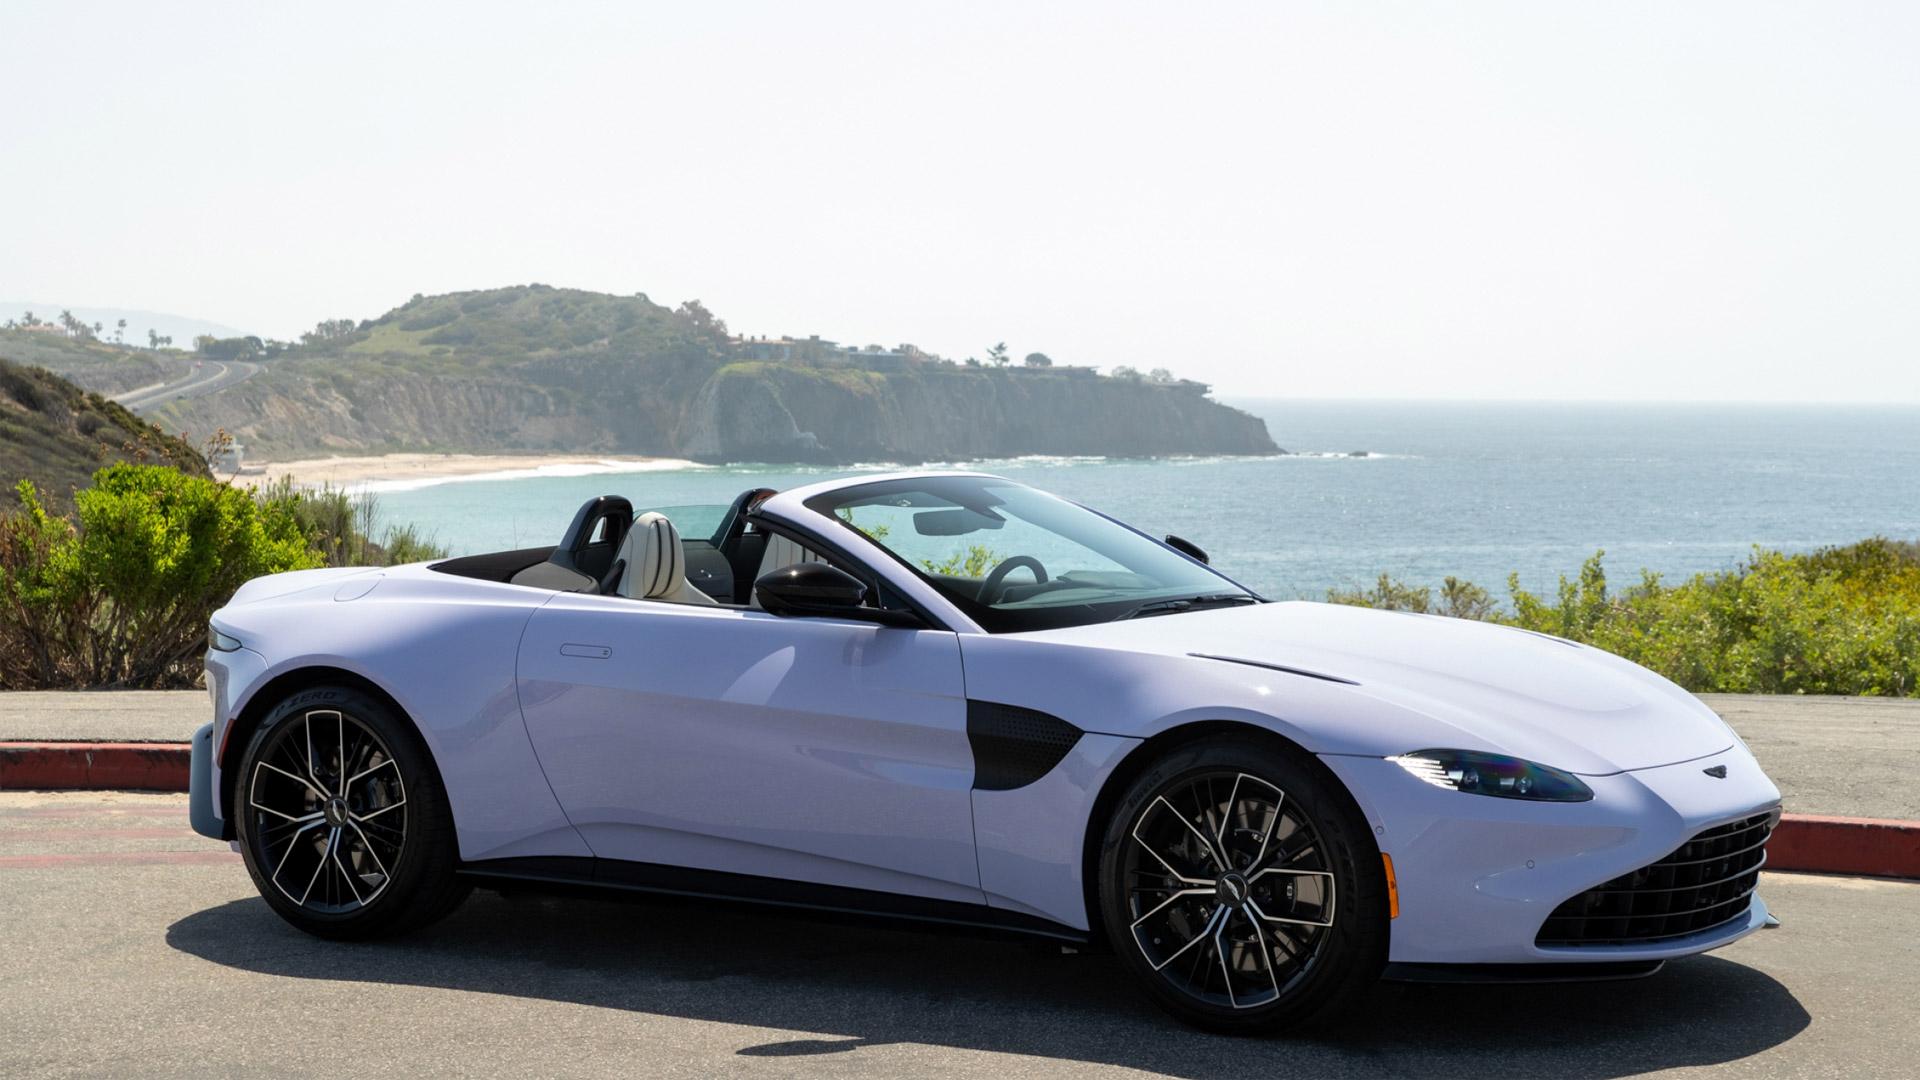 The Aston Martin Vantage Roadster in Cardamom Violet